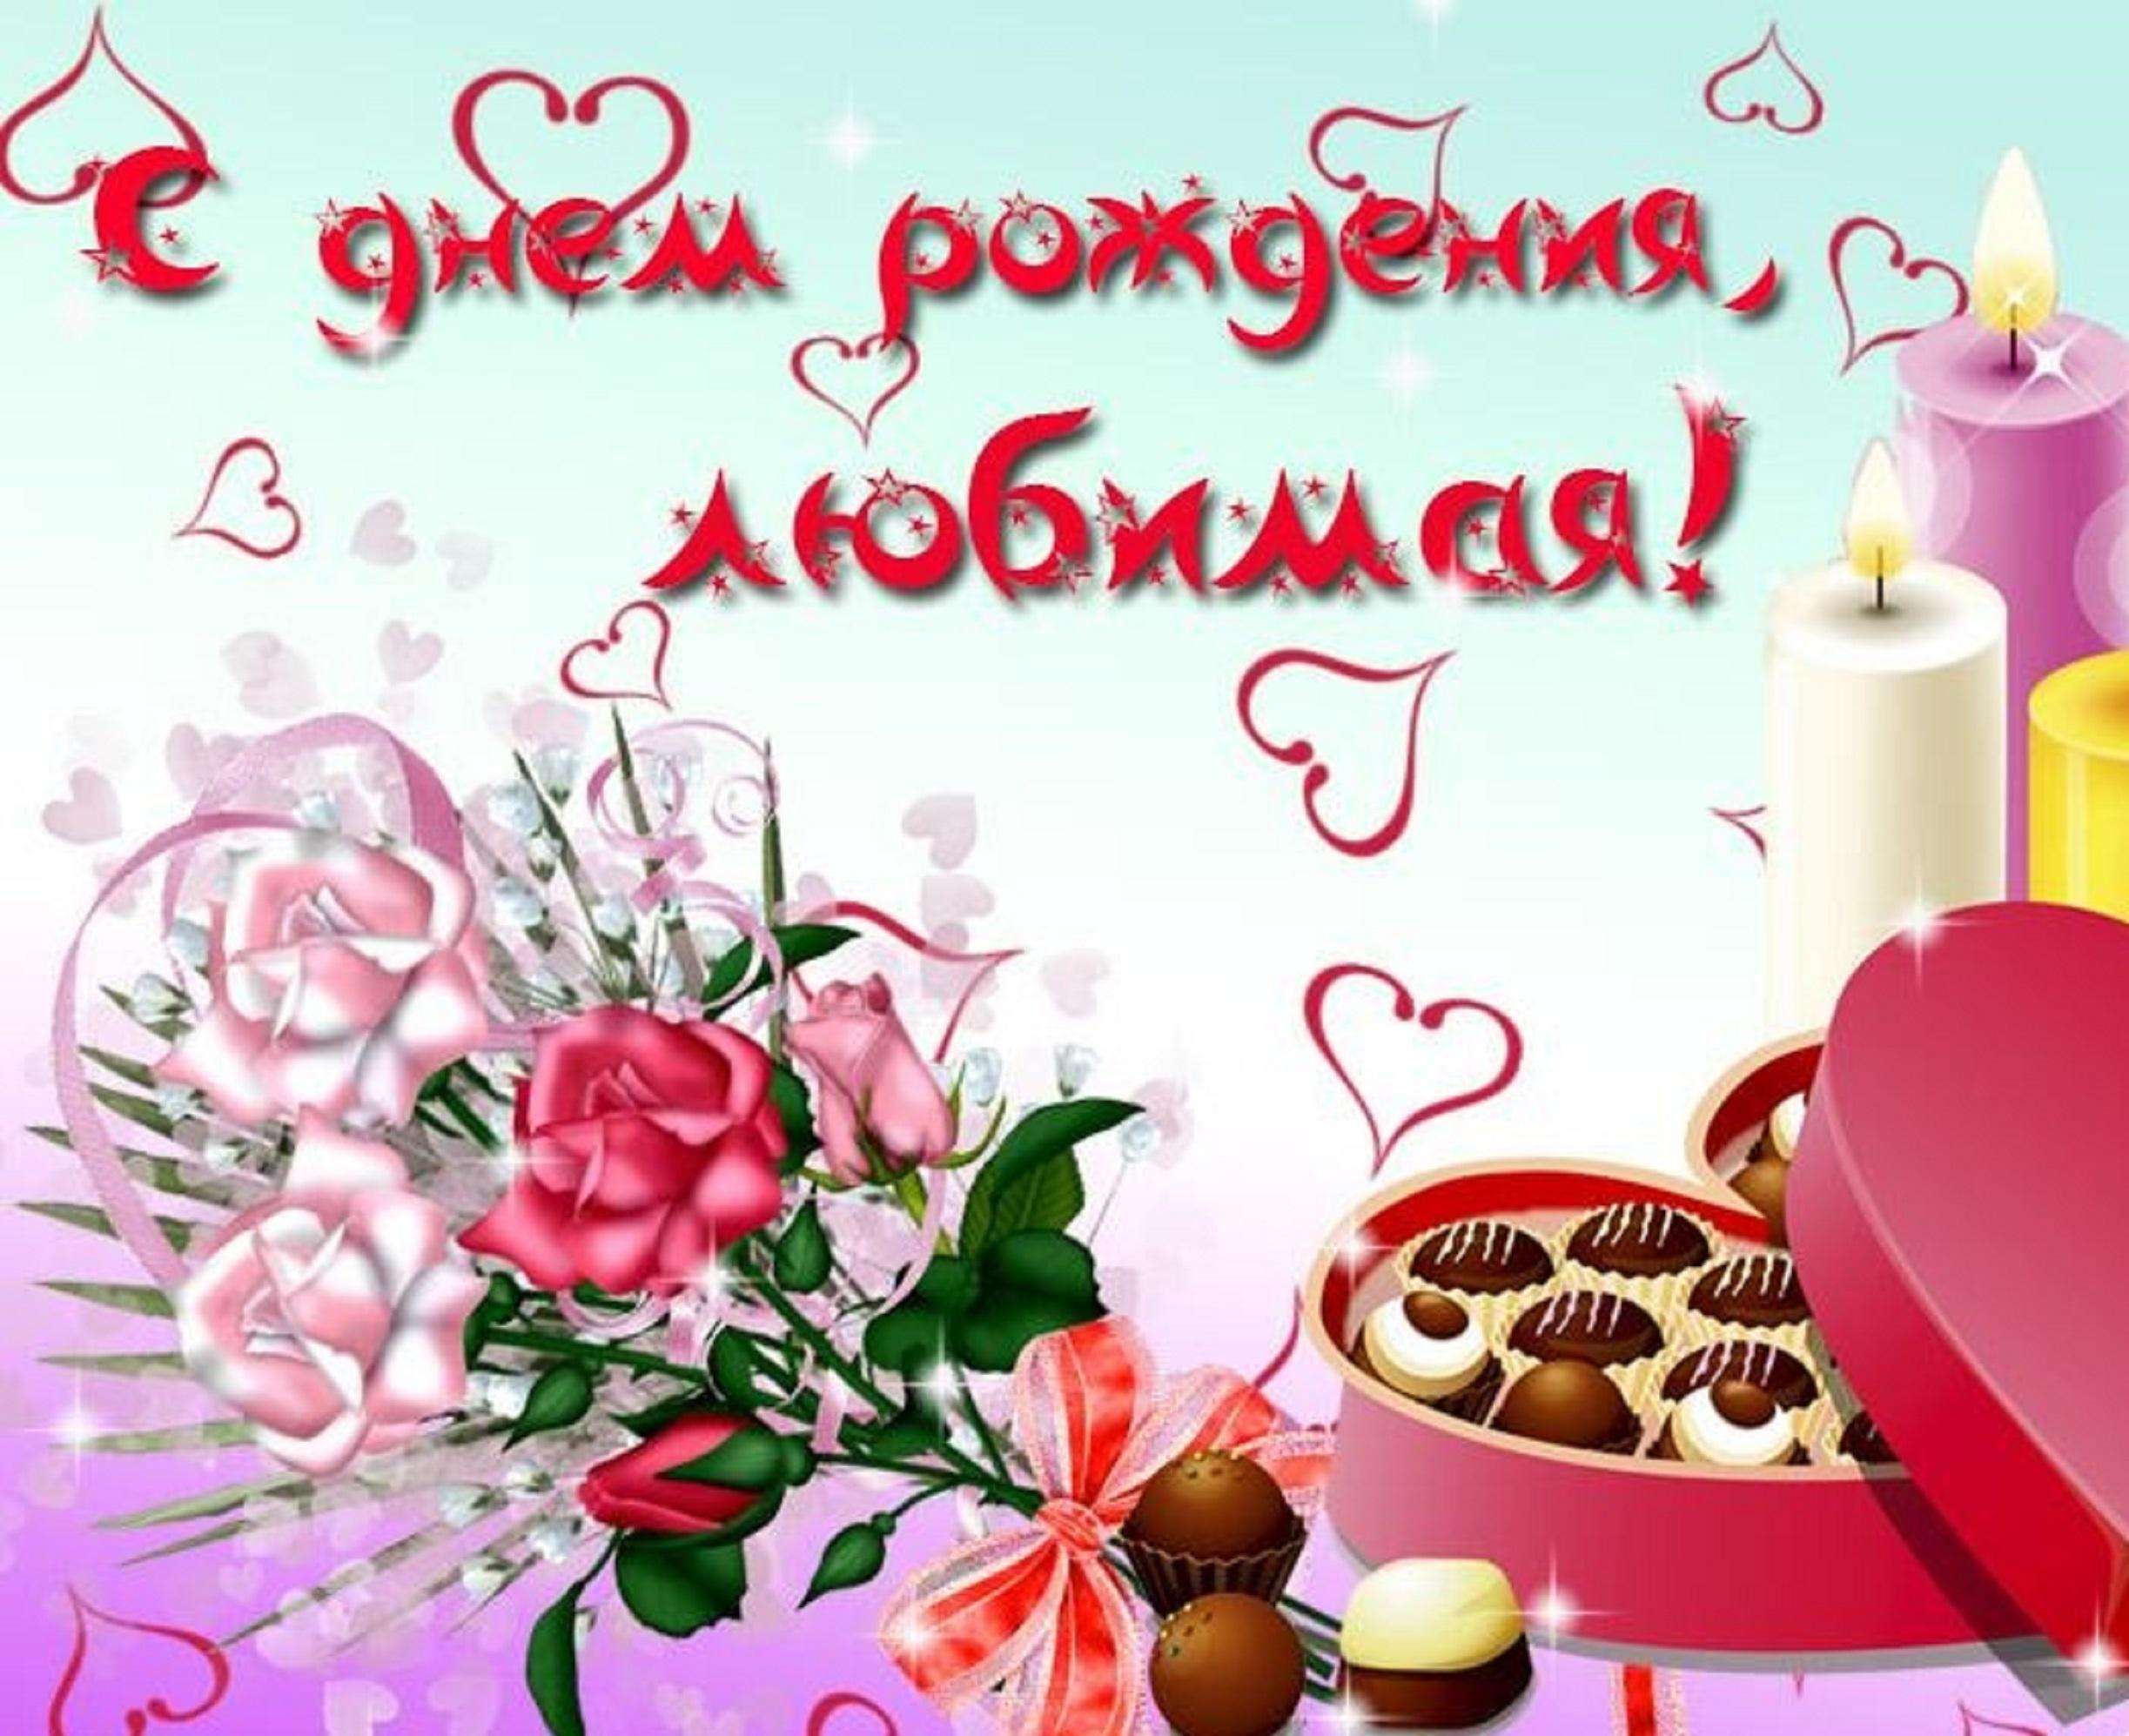 Поздравления открытки с днем рождения любимой, новым годом начальника